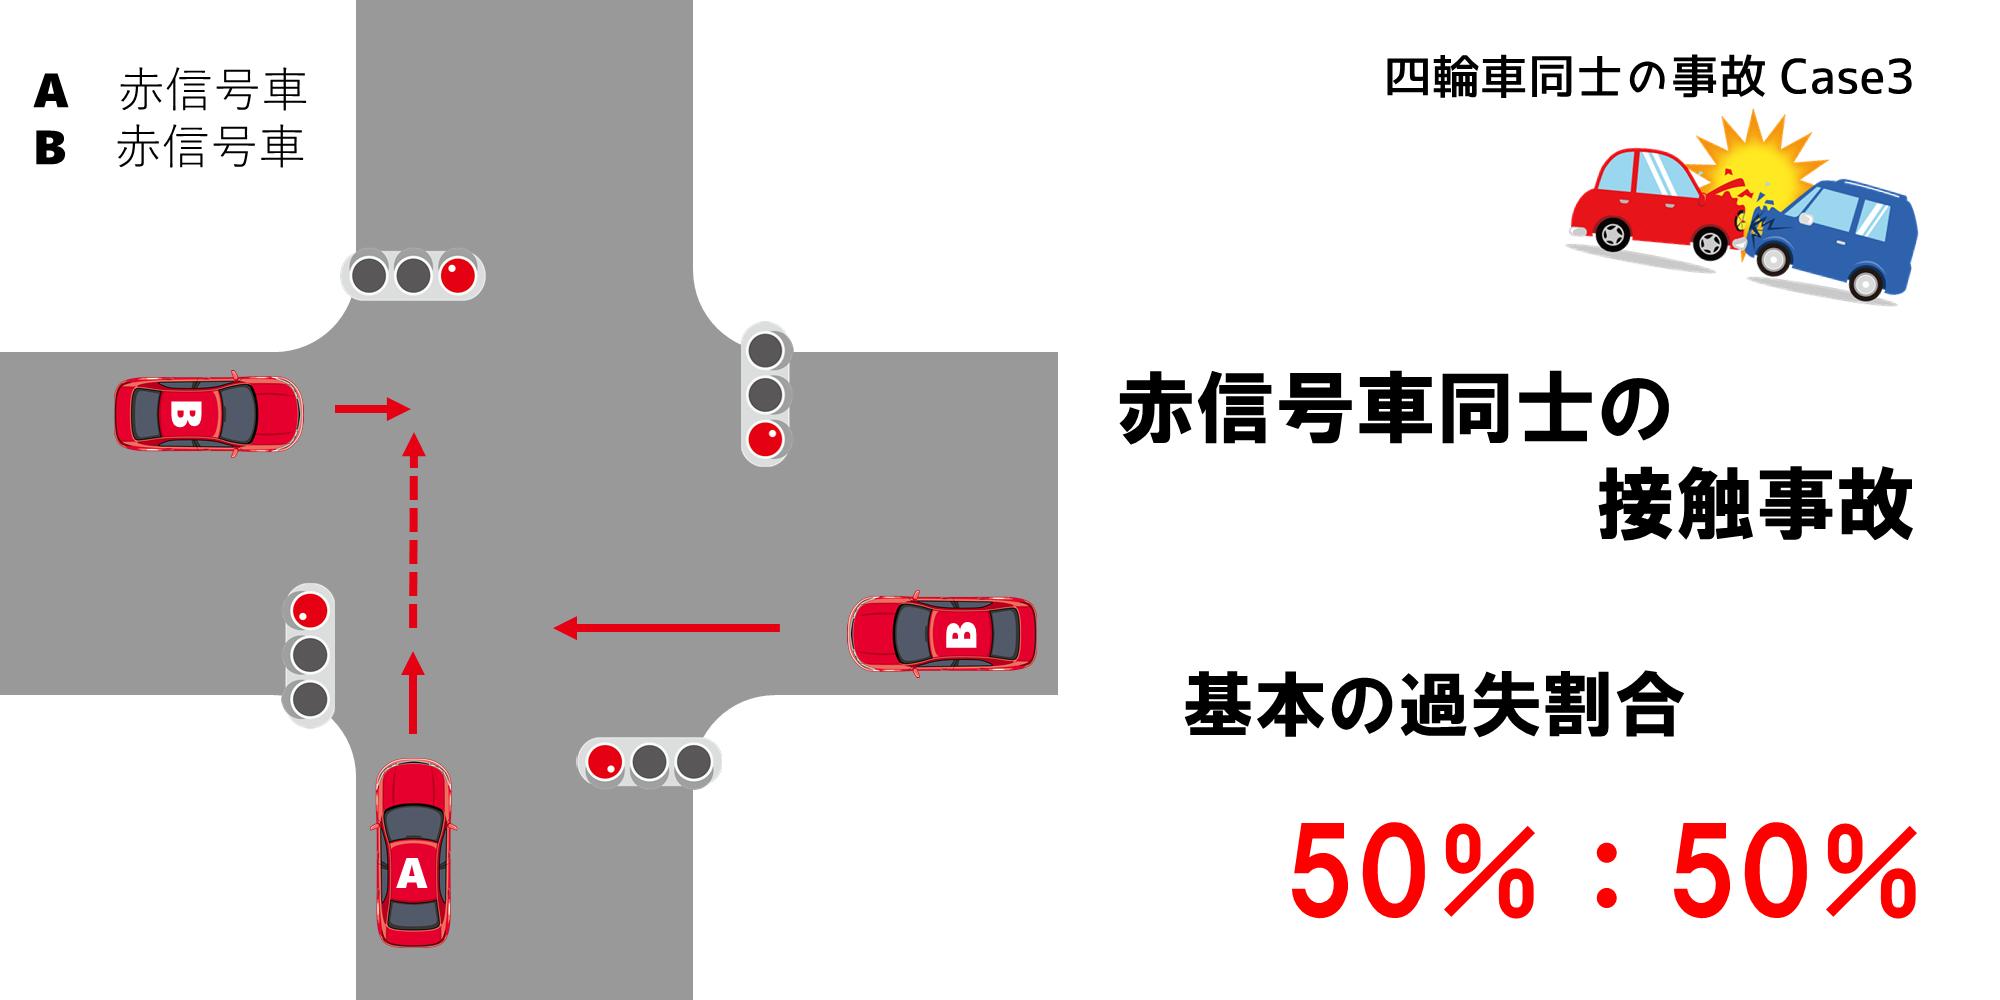 赤信号車の接触事故